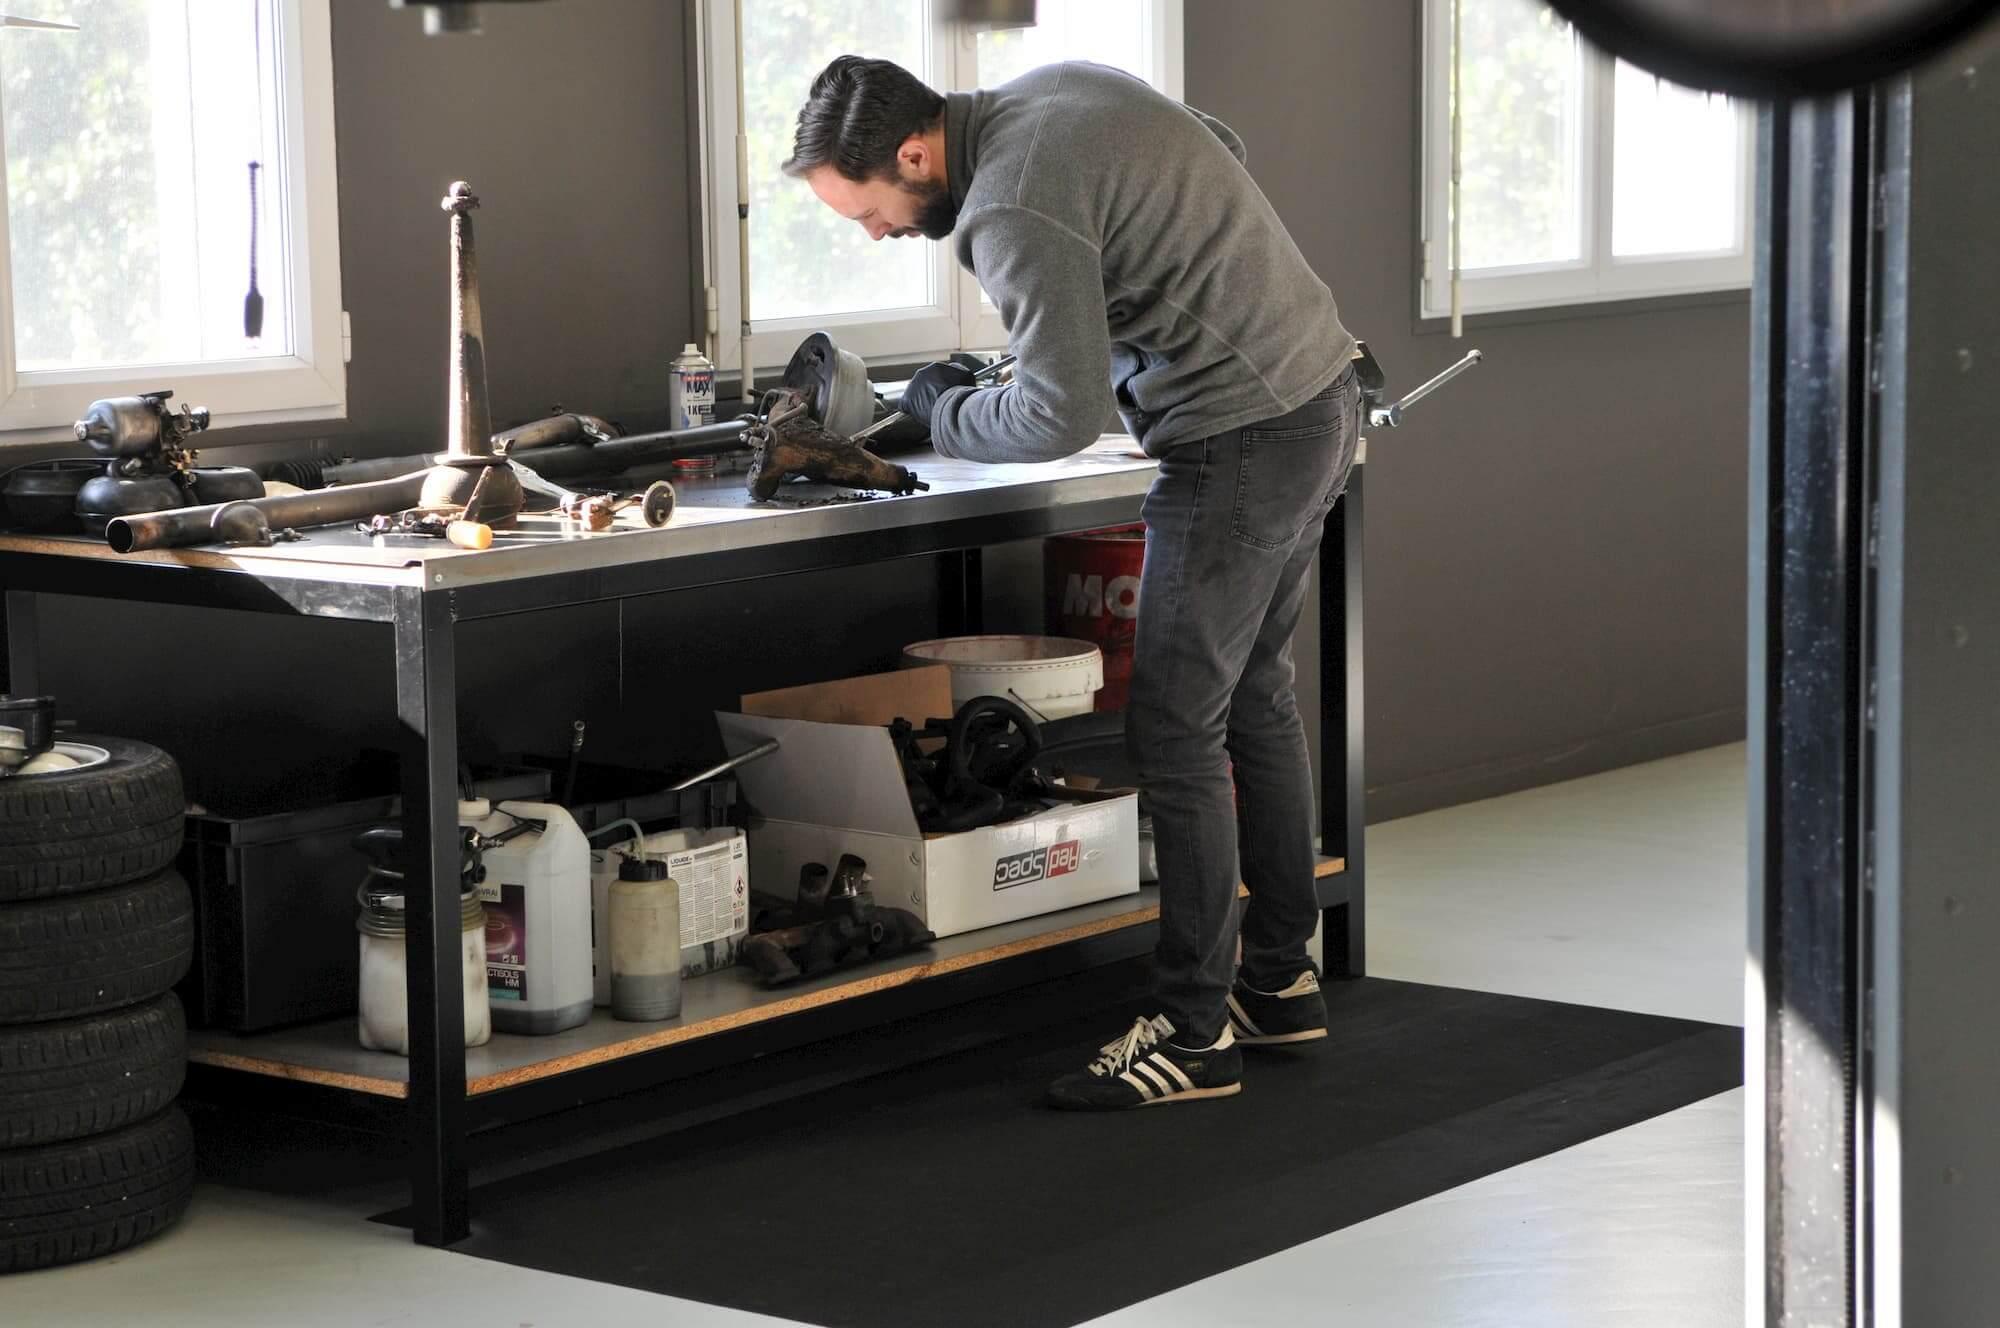 Atelier et restauration mécanique de voiture de collection à Dreux